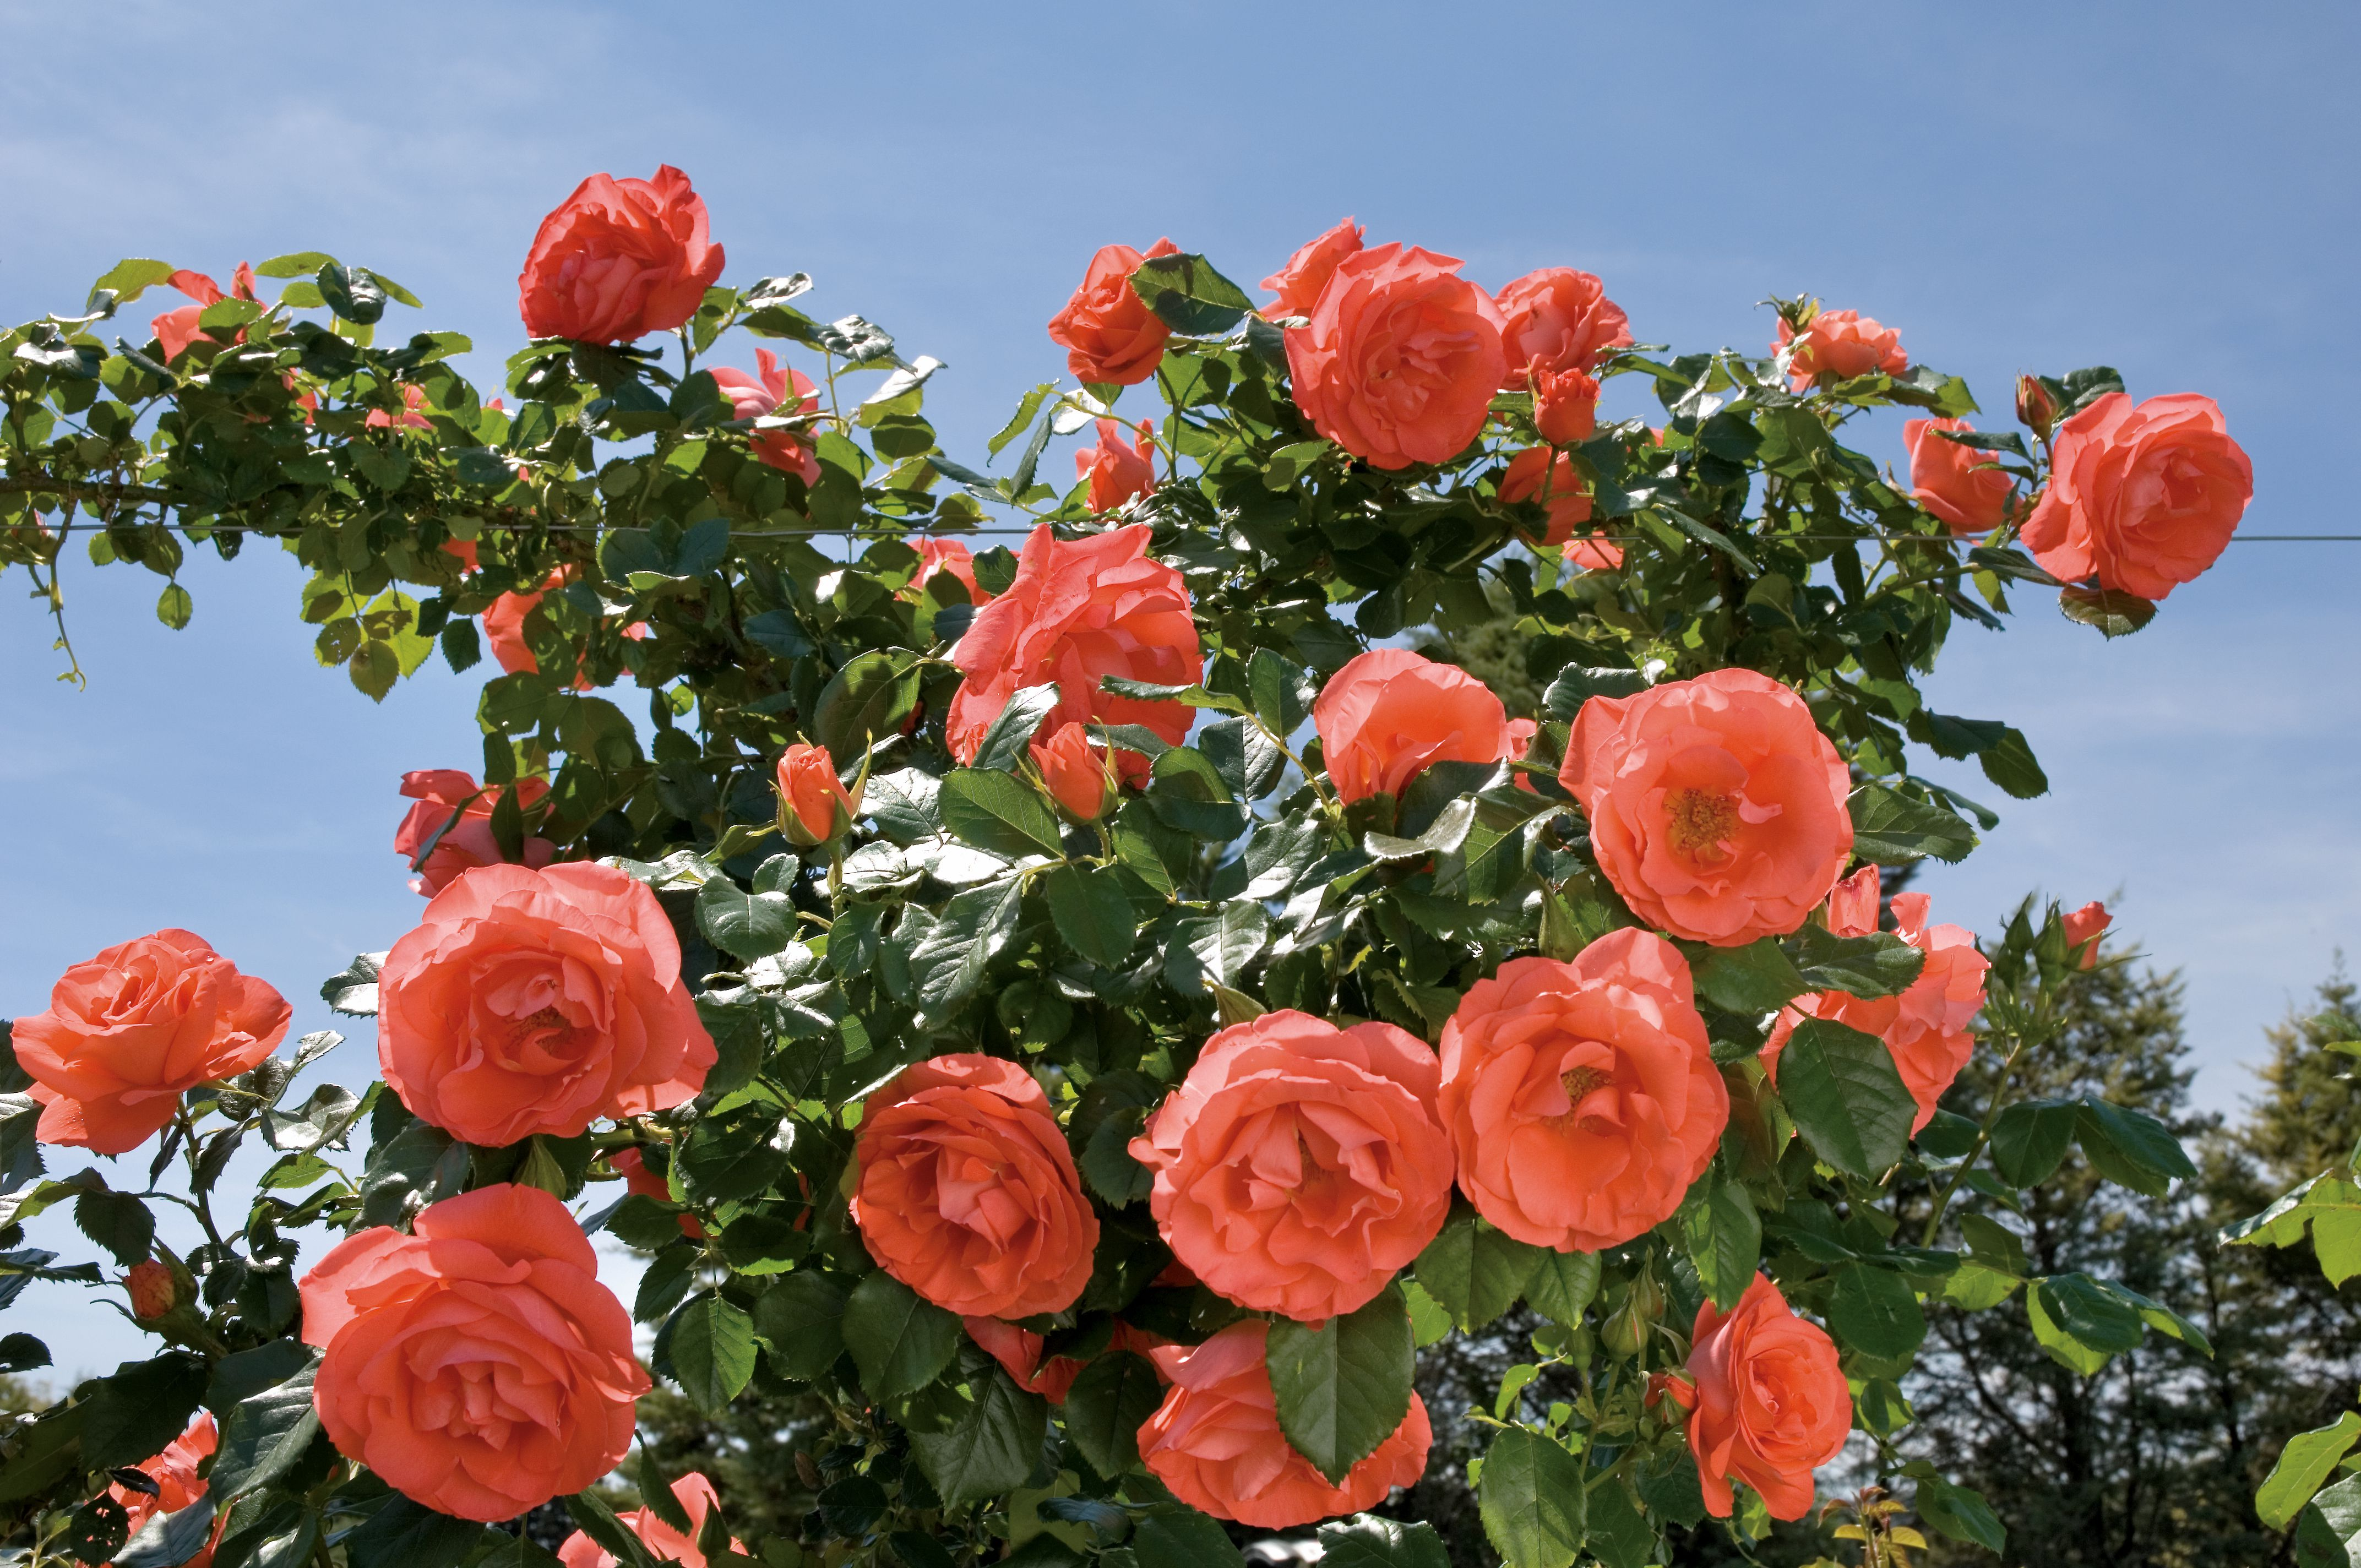 Marmalade Skies® 'Meimonblan' roses